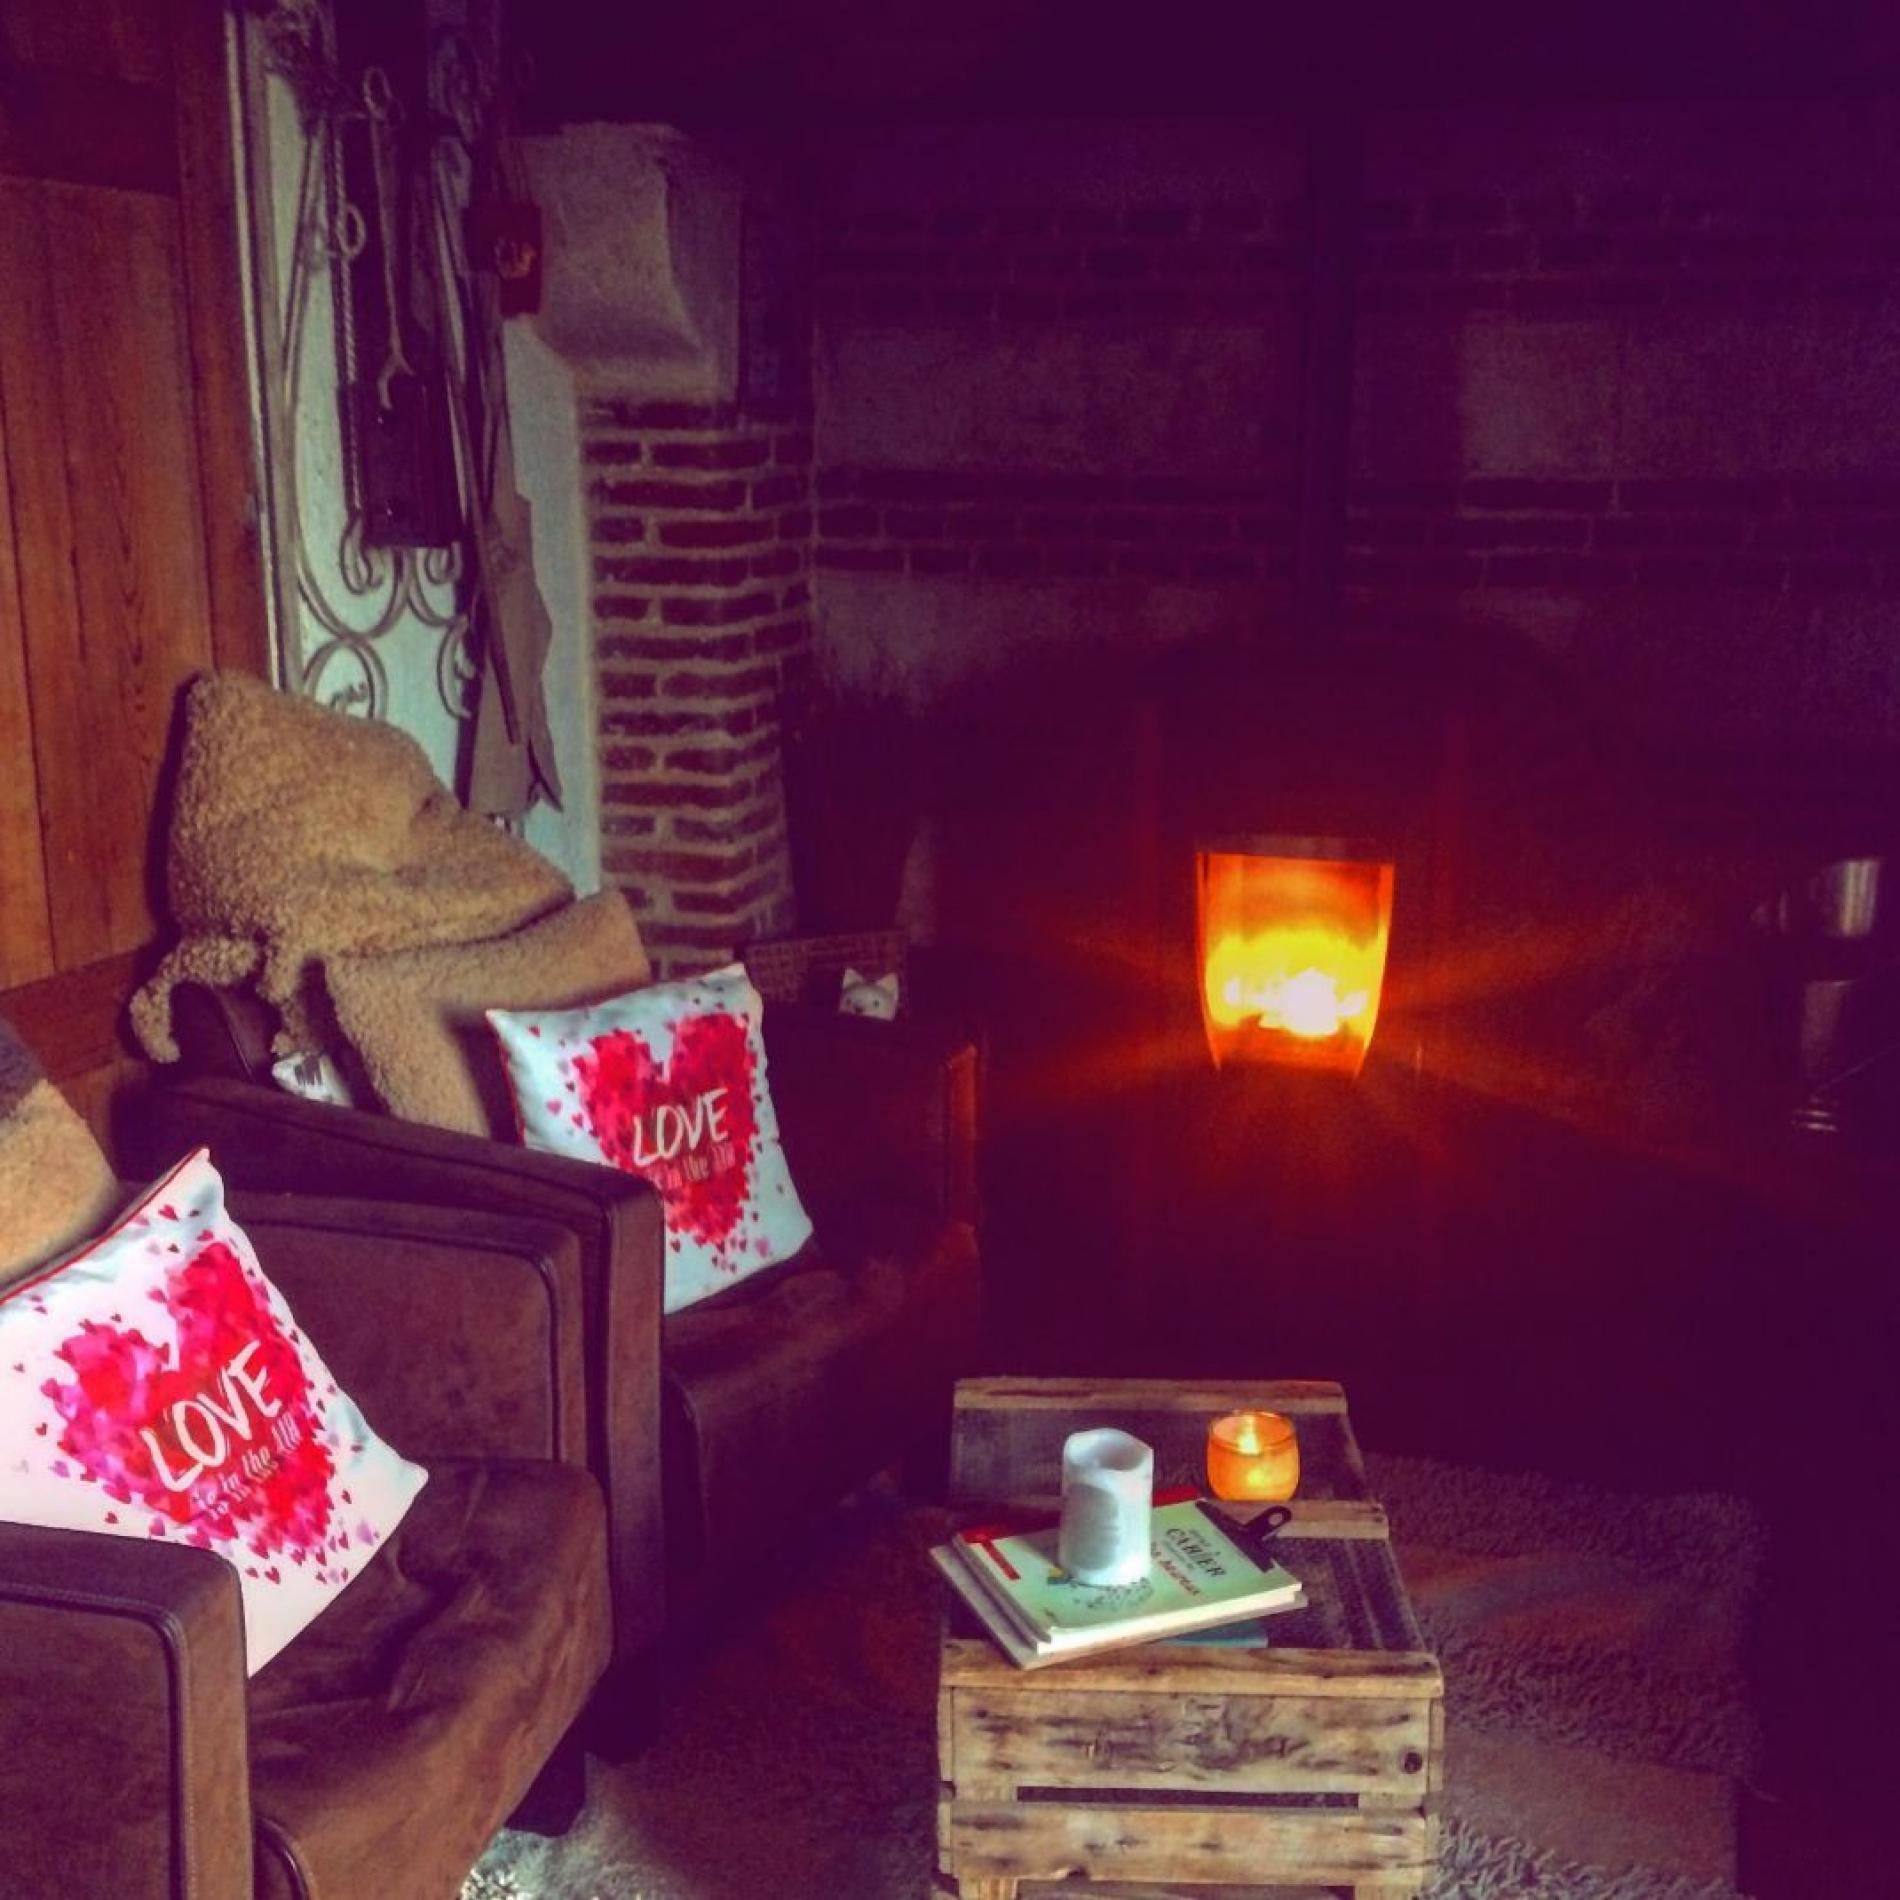 Relax à la petite maison de campagne avec feu de bois